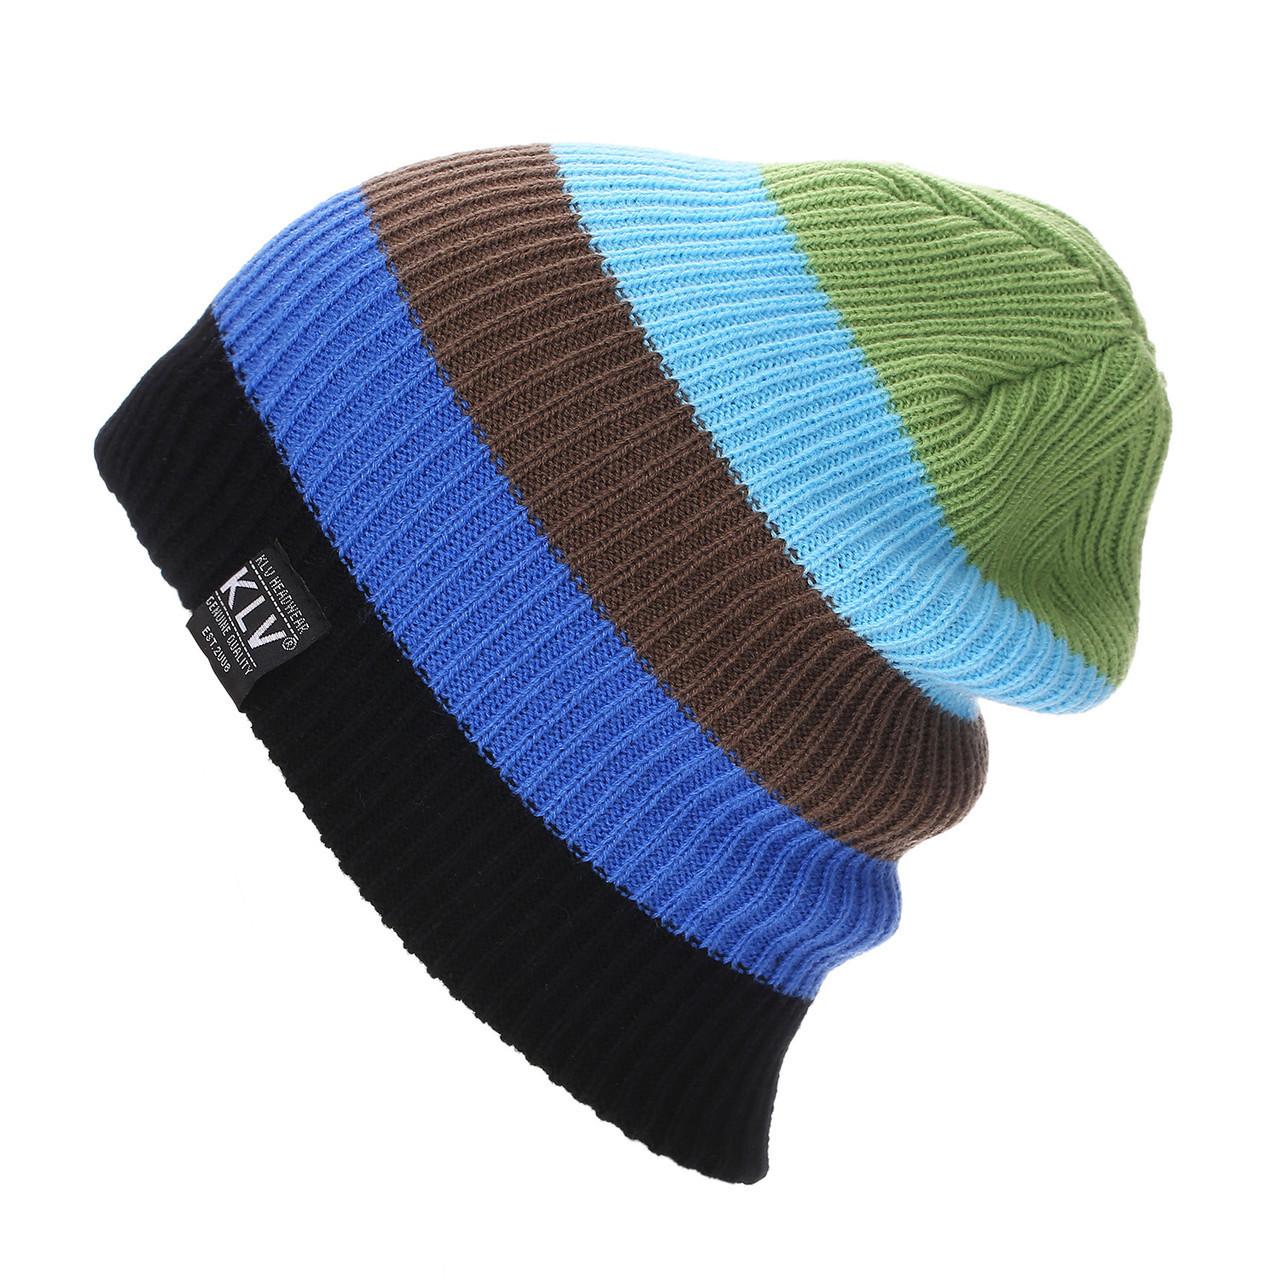 вязаная мужская шапка для подростков и взрослых продажа цена в